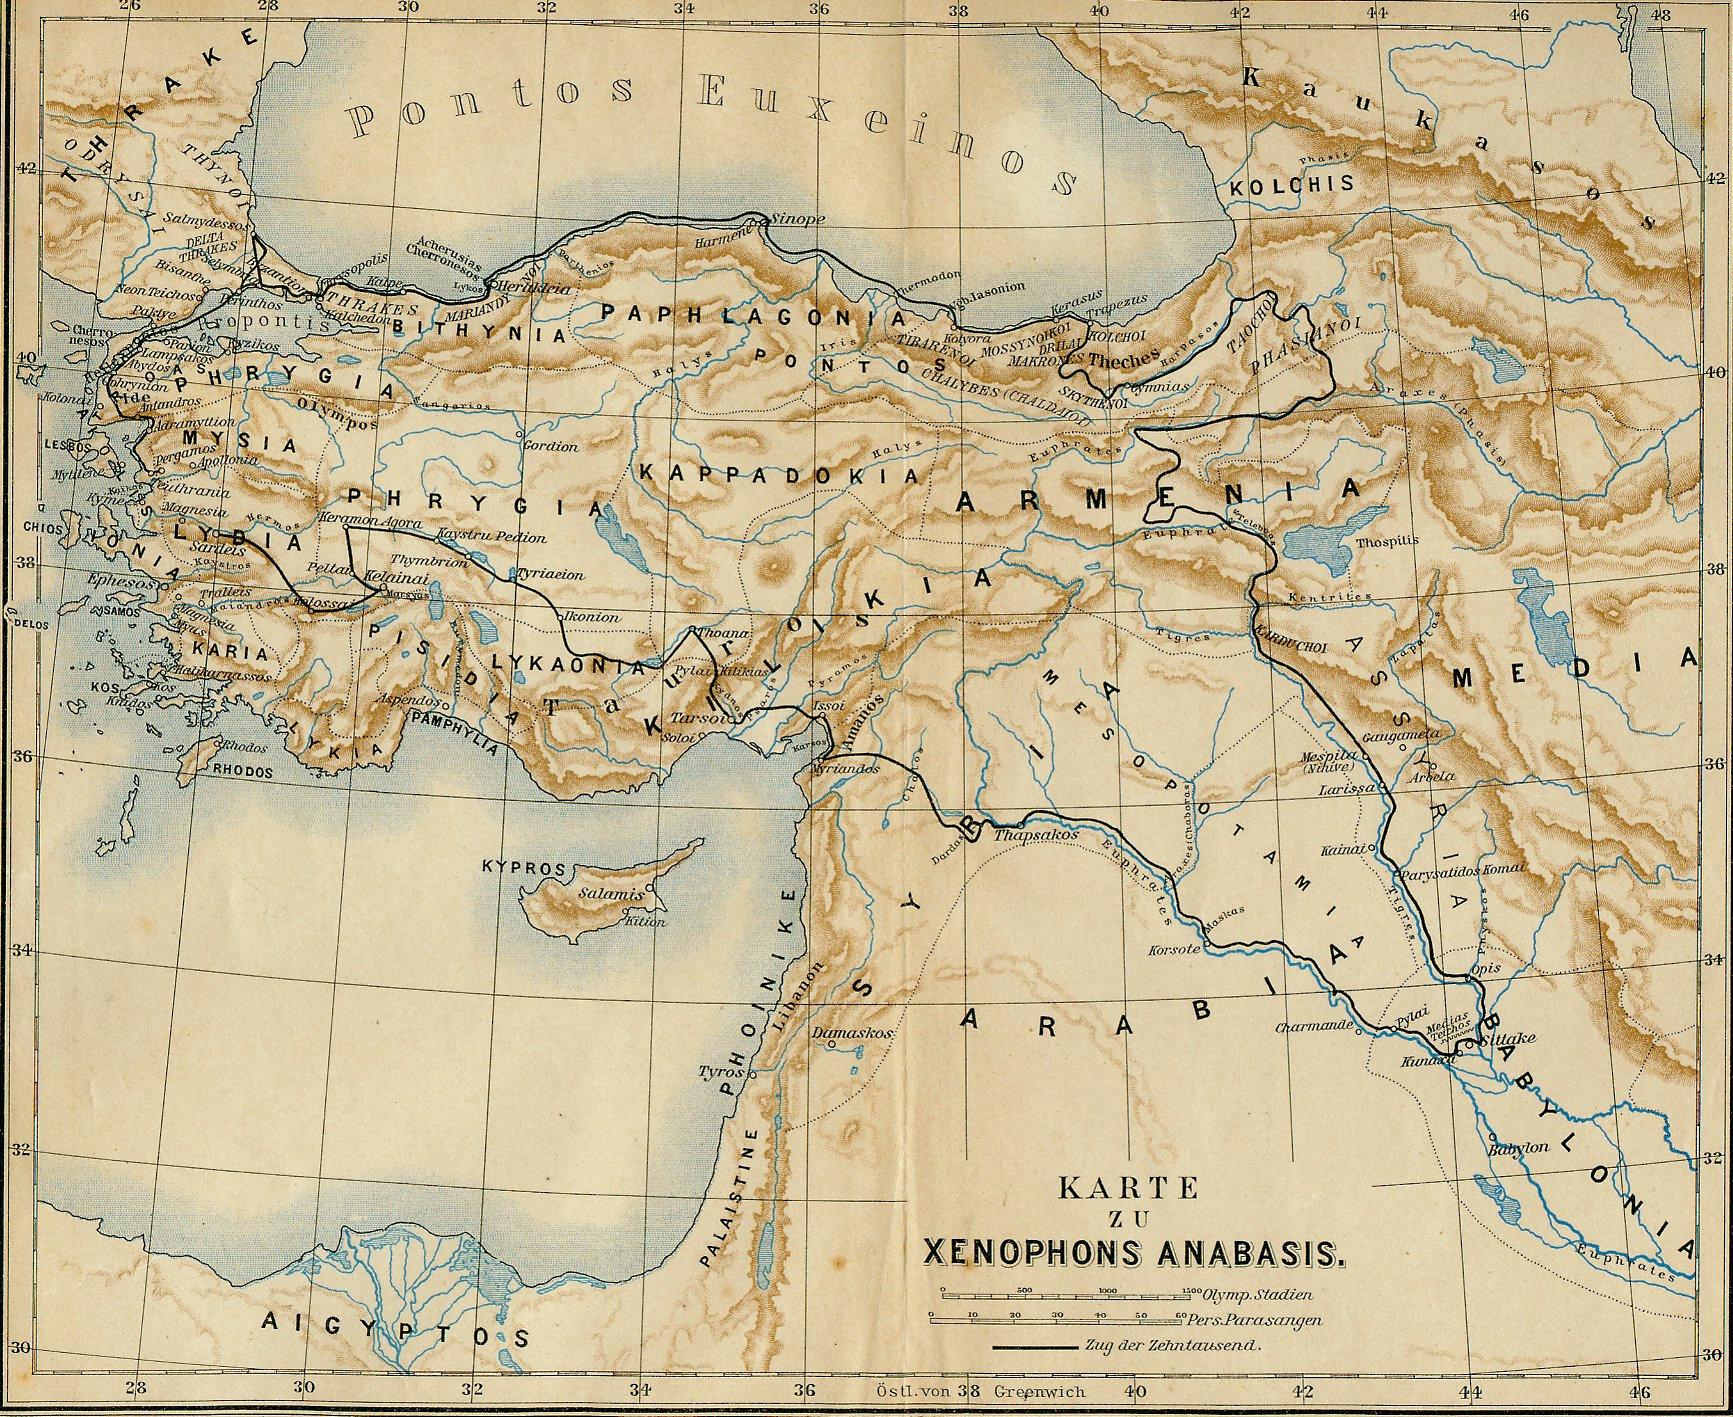 Landkarte zum Zug der Zehntausend in Xenophons Anabasis